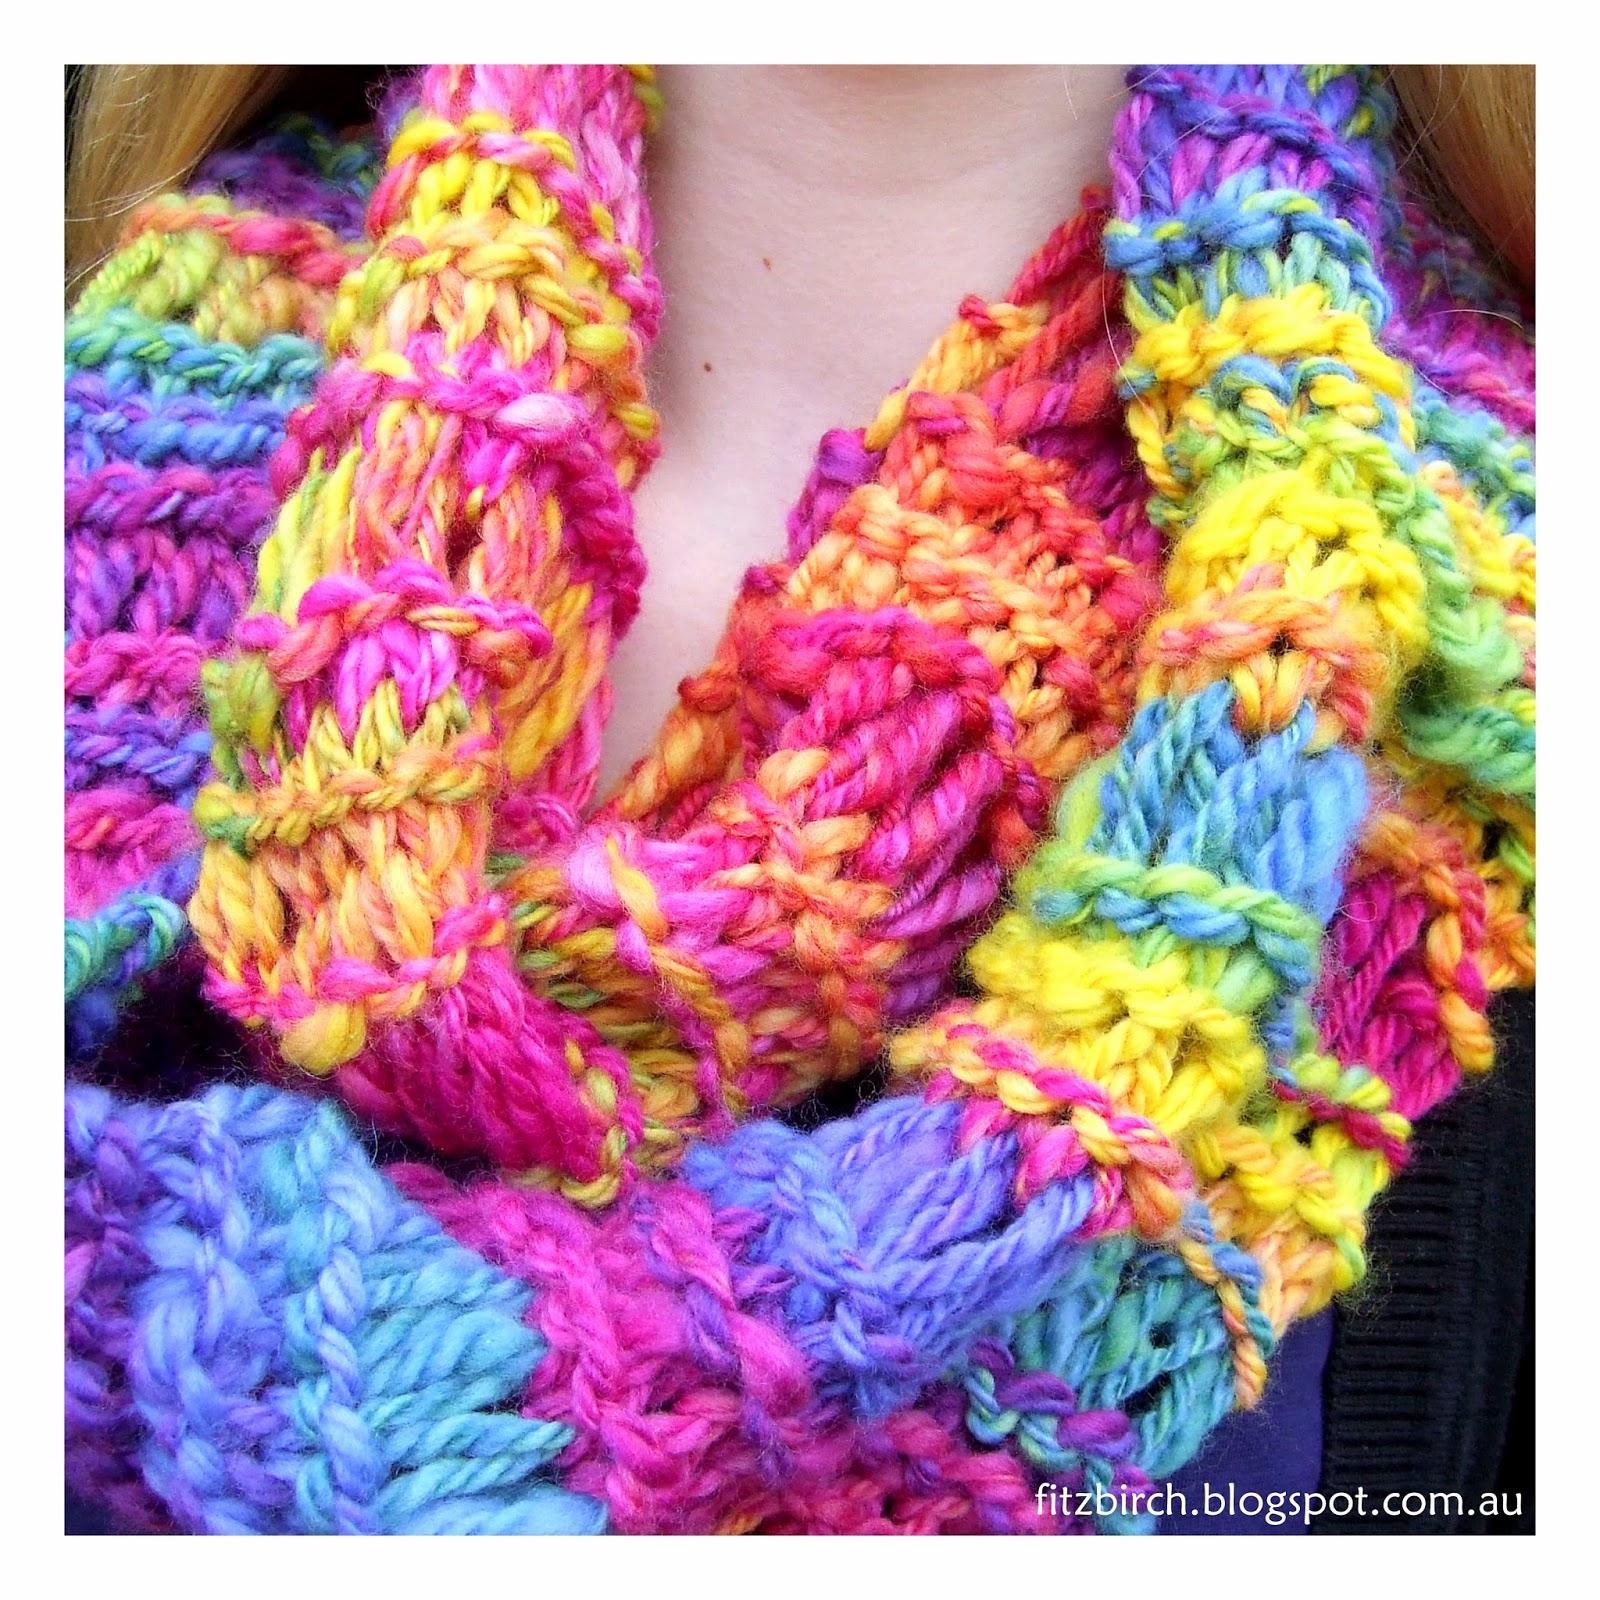 FitzBirch Crafts: Homespun Cowl